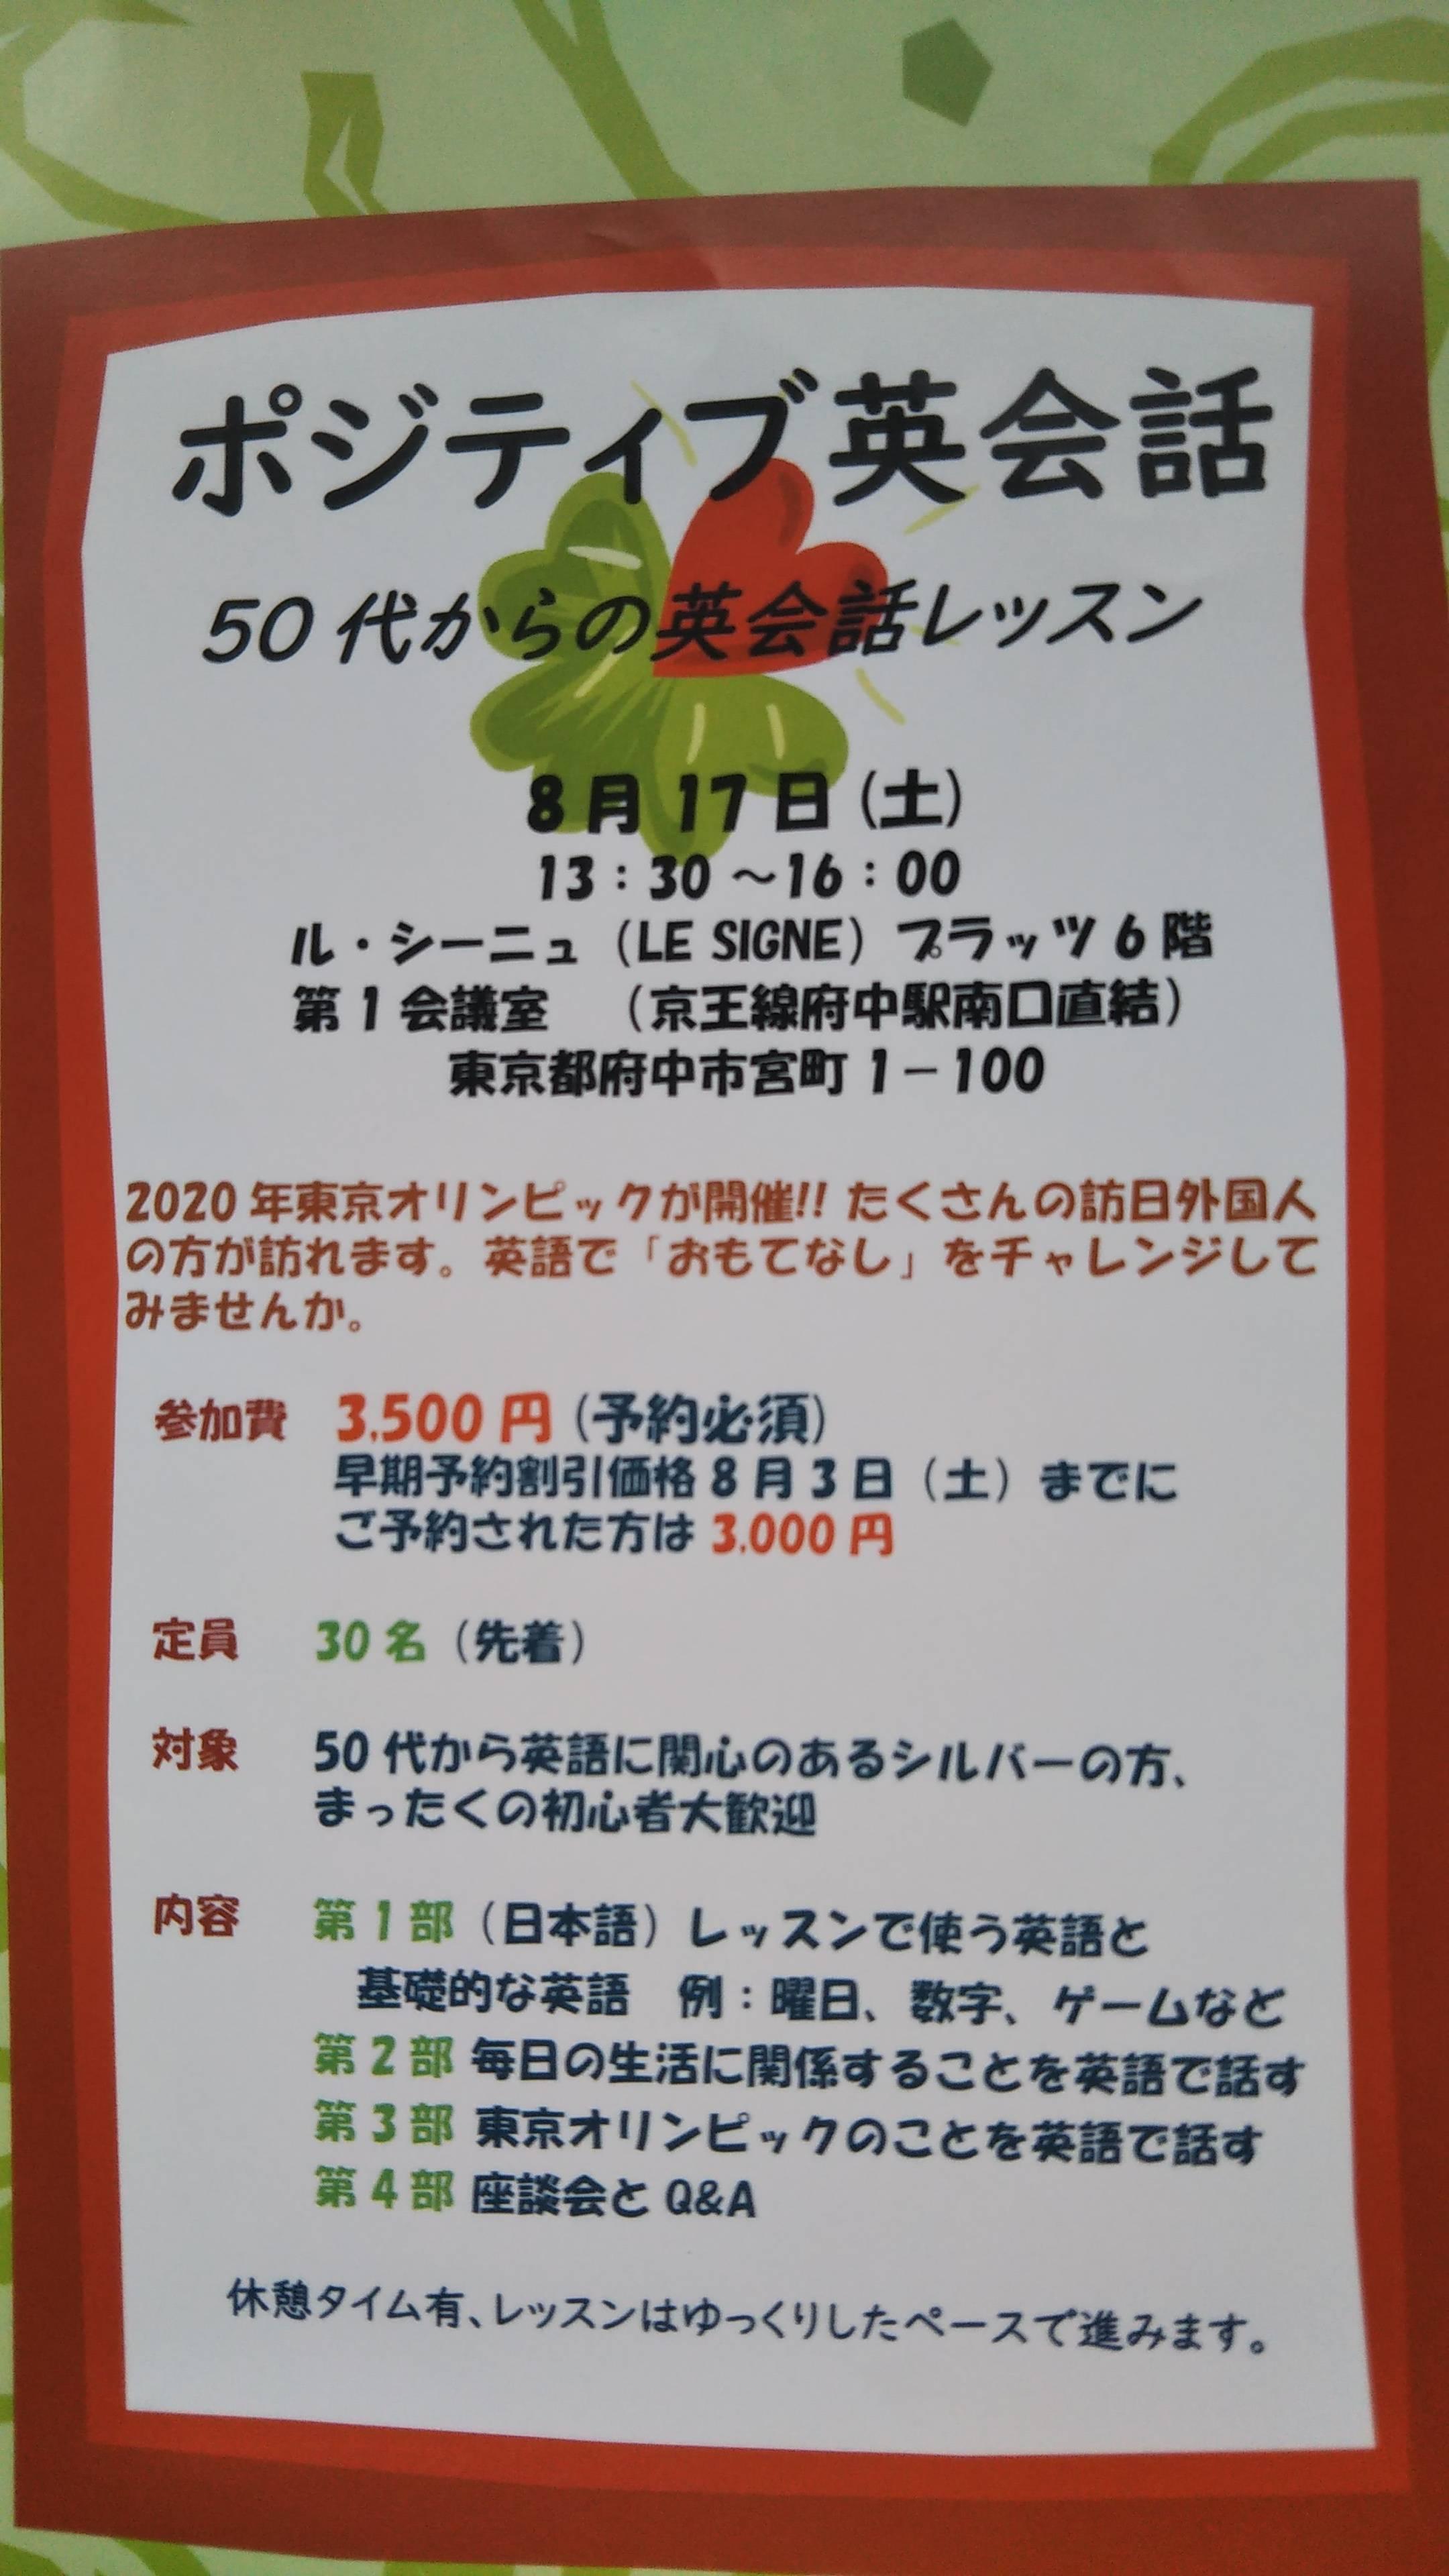 ポジティブ英会話2019年8月3日.JPG